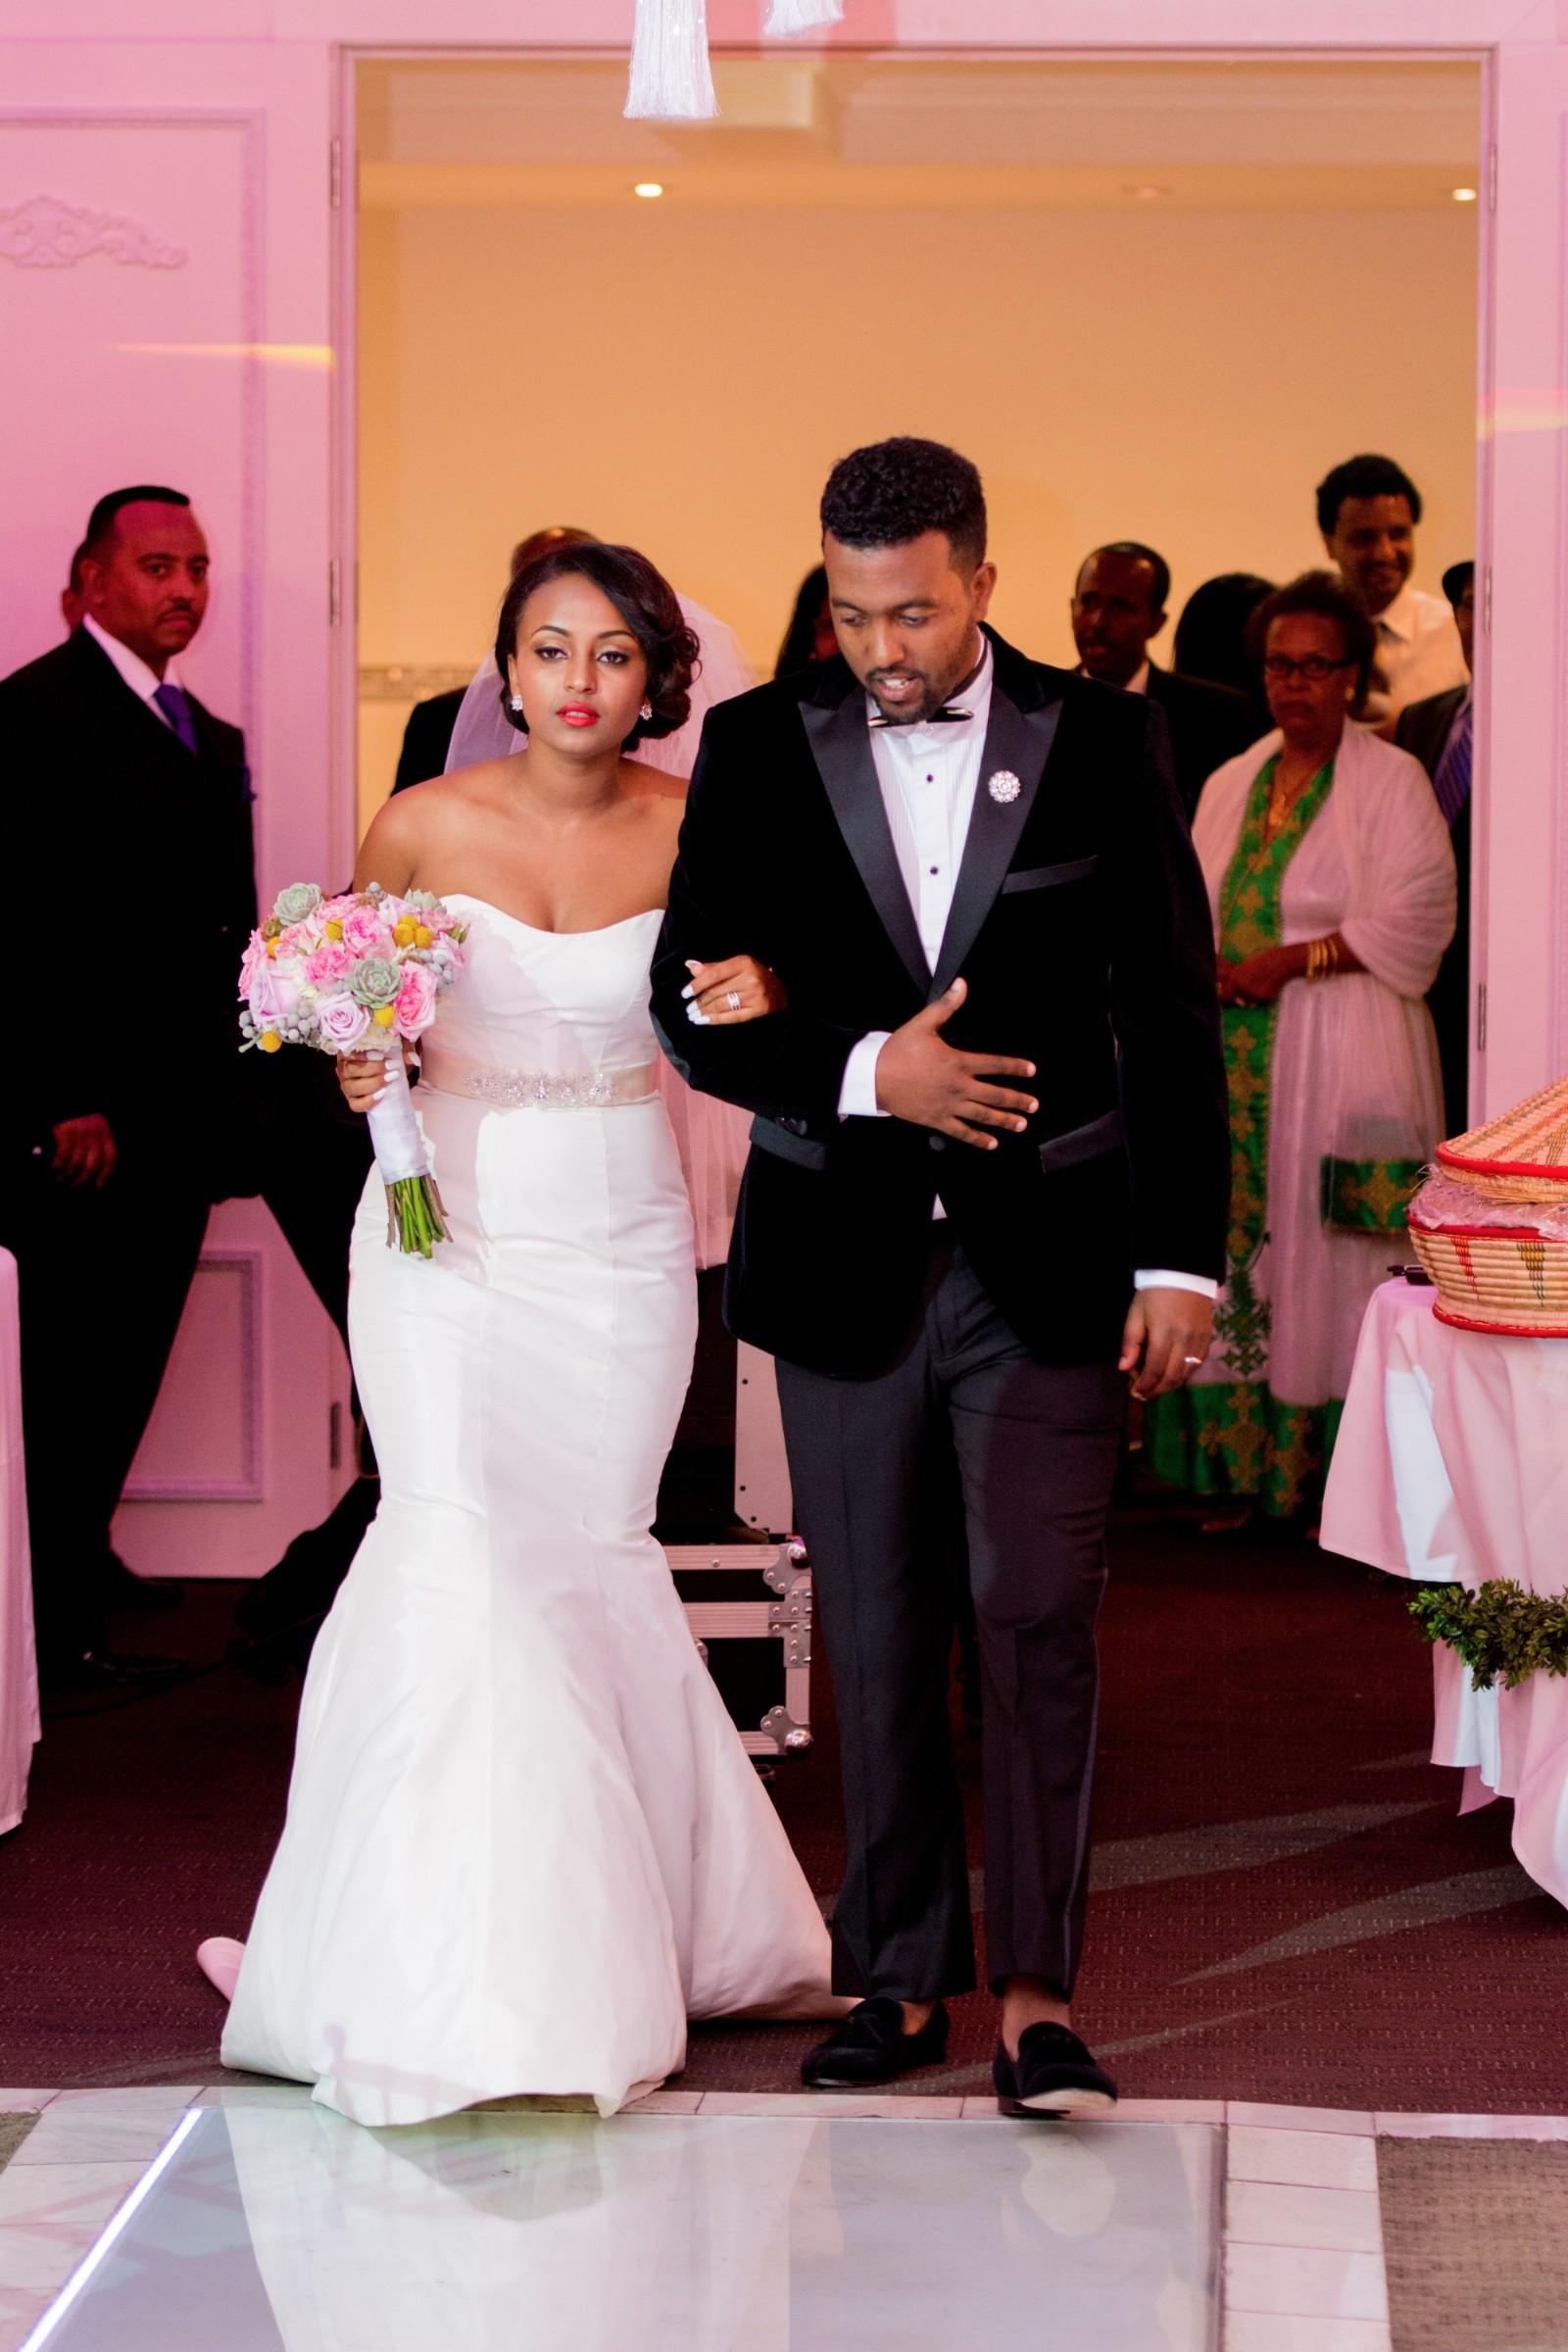 ethiopian wedding dresses ethiopian wedding dress Habesha Wedding Dresses